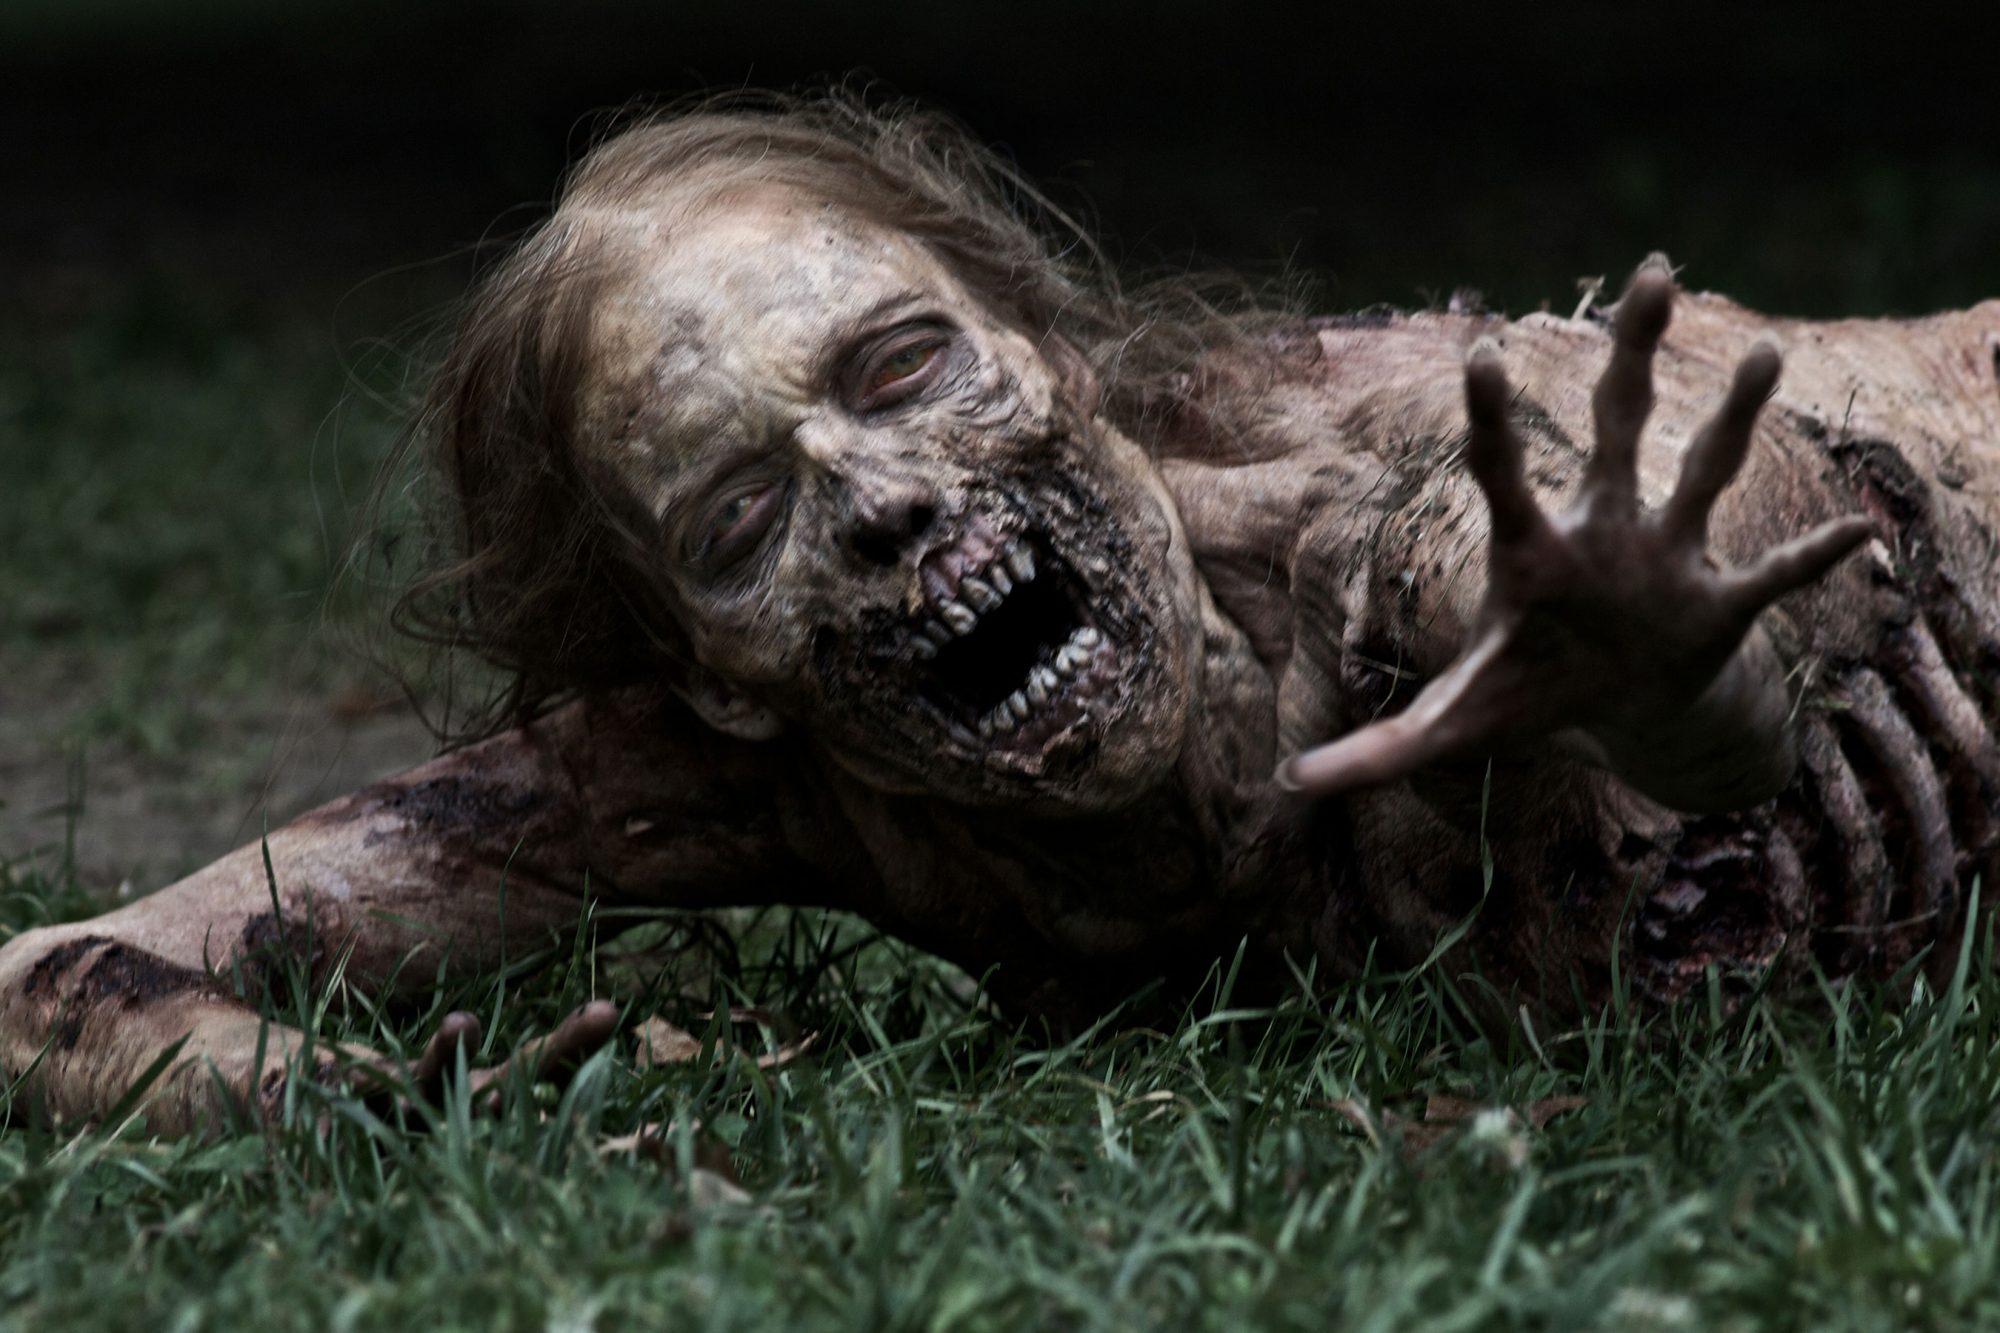 Walker - The Walking Dead, Season 1 - Photo Credit: AMC